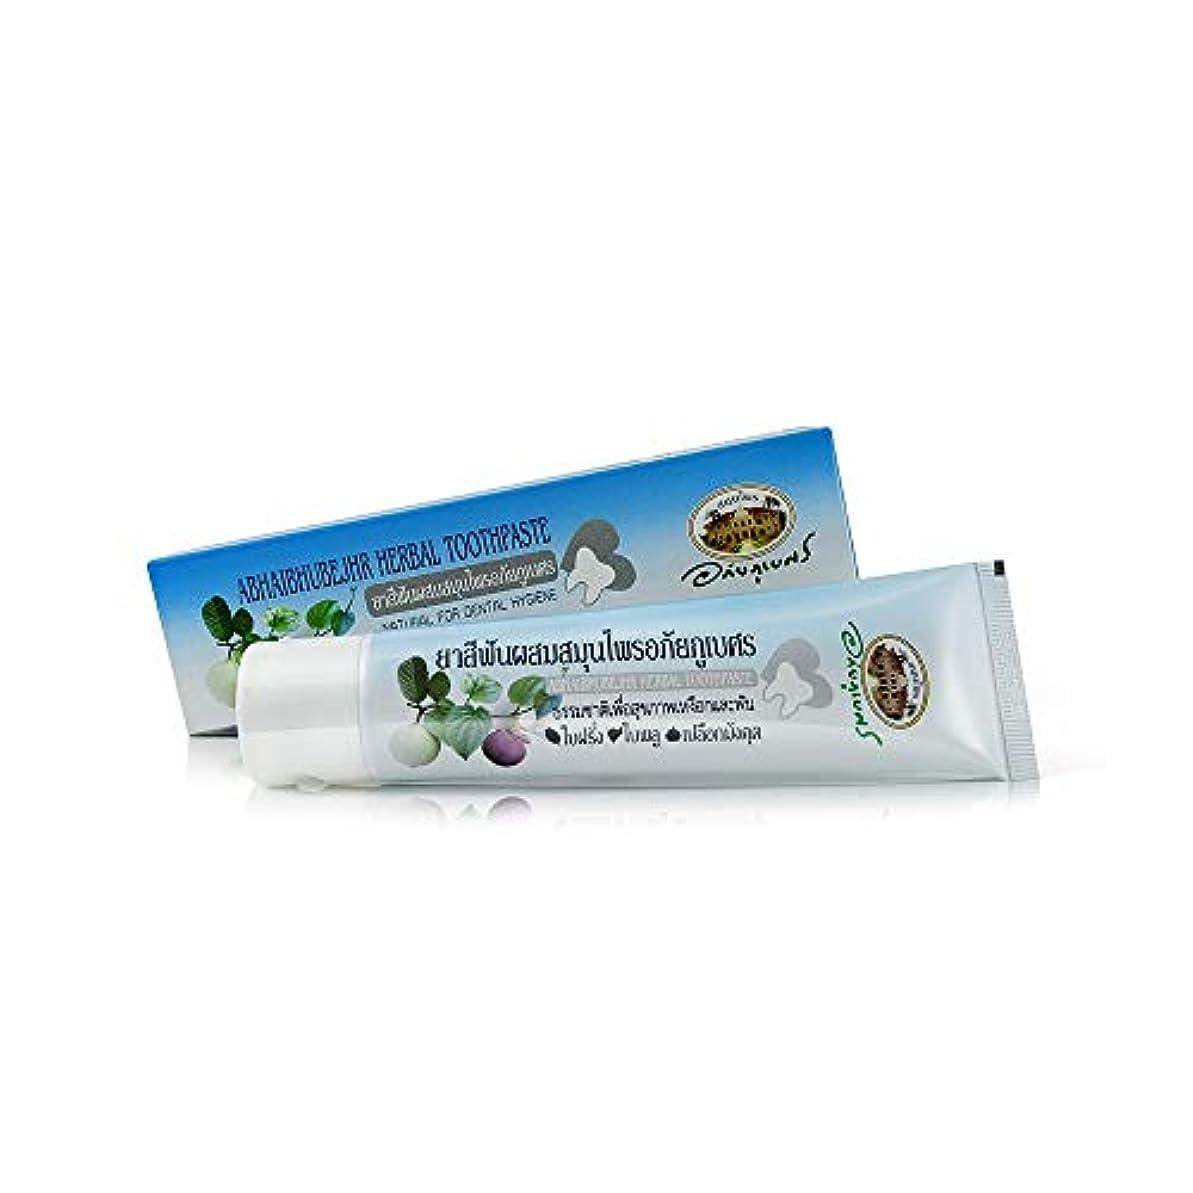 豆腐ボートスペースAbhaibhubejhr Herbal Toothpaste Natural For Dental Hygiene 歯科衛生のためのAbhaibhubejhrハーブ歯磨き粉ナチュラル (70g)